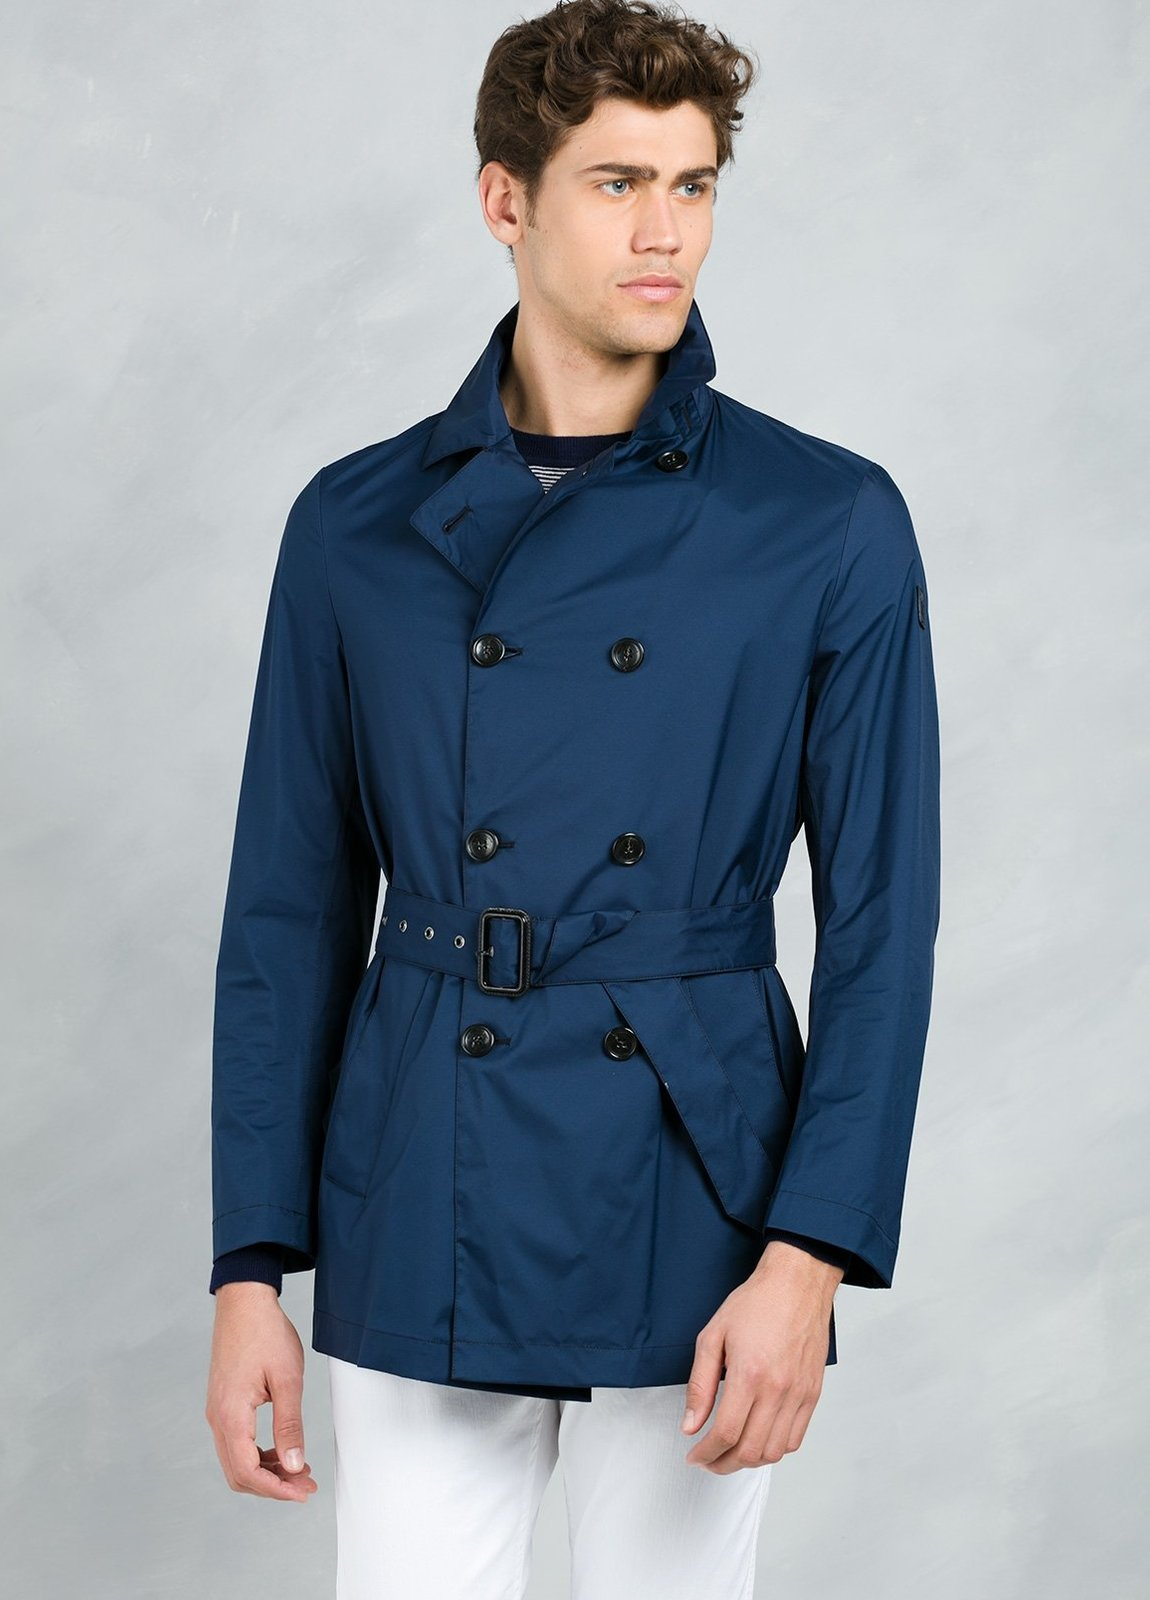 Gabardina corta cruzada con botones y cinturón , color azul.